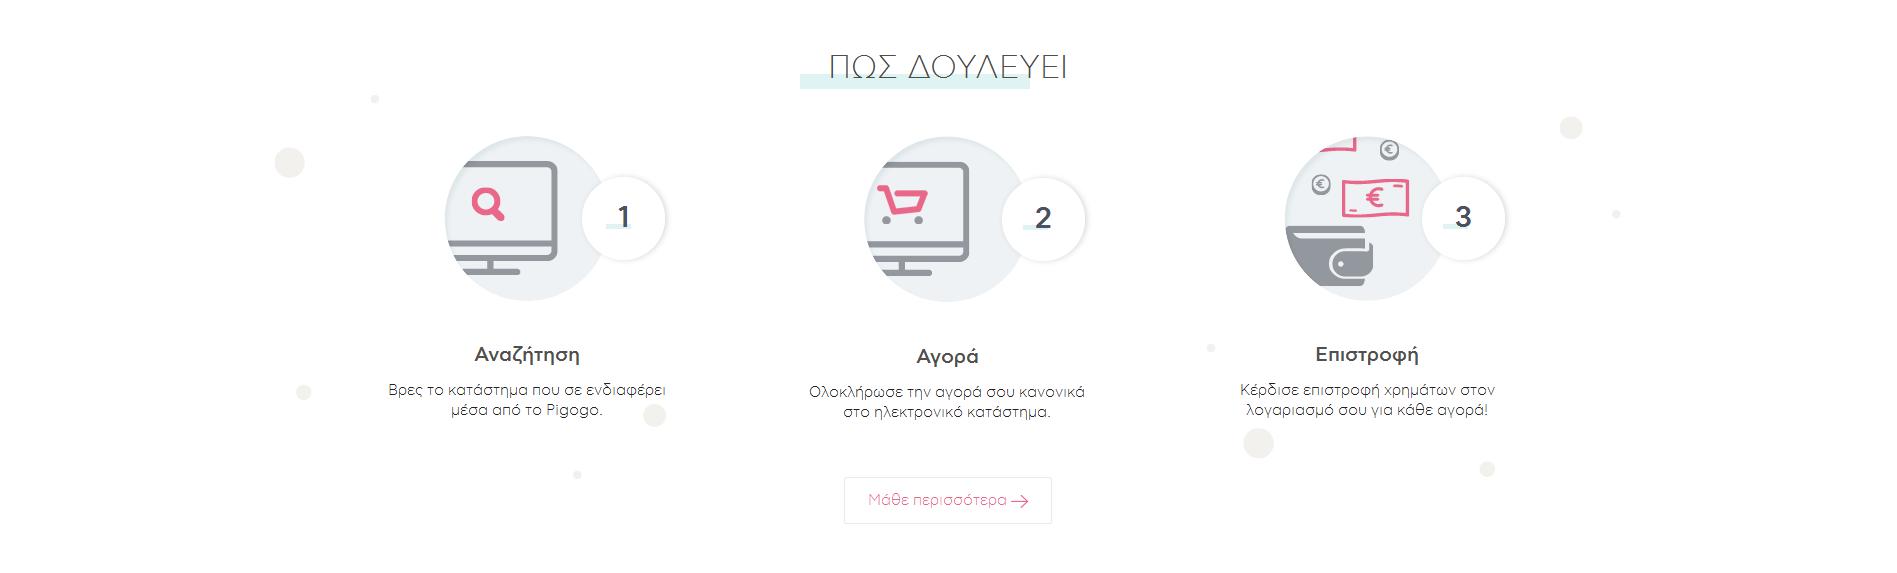 Συνέντευξη Startup.gr: Κώστας Ζωρζής από Pigogo.gr